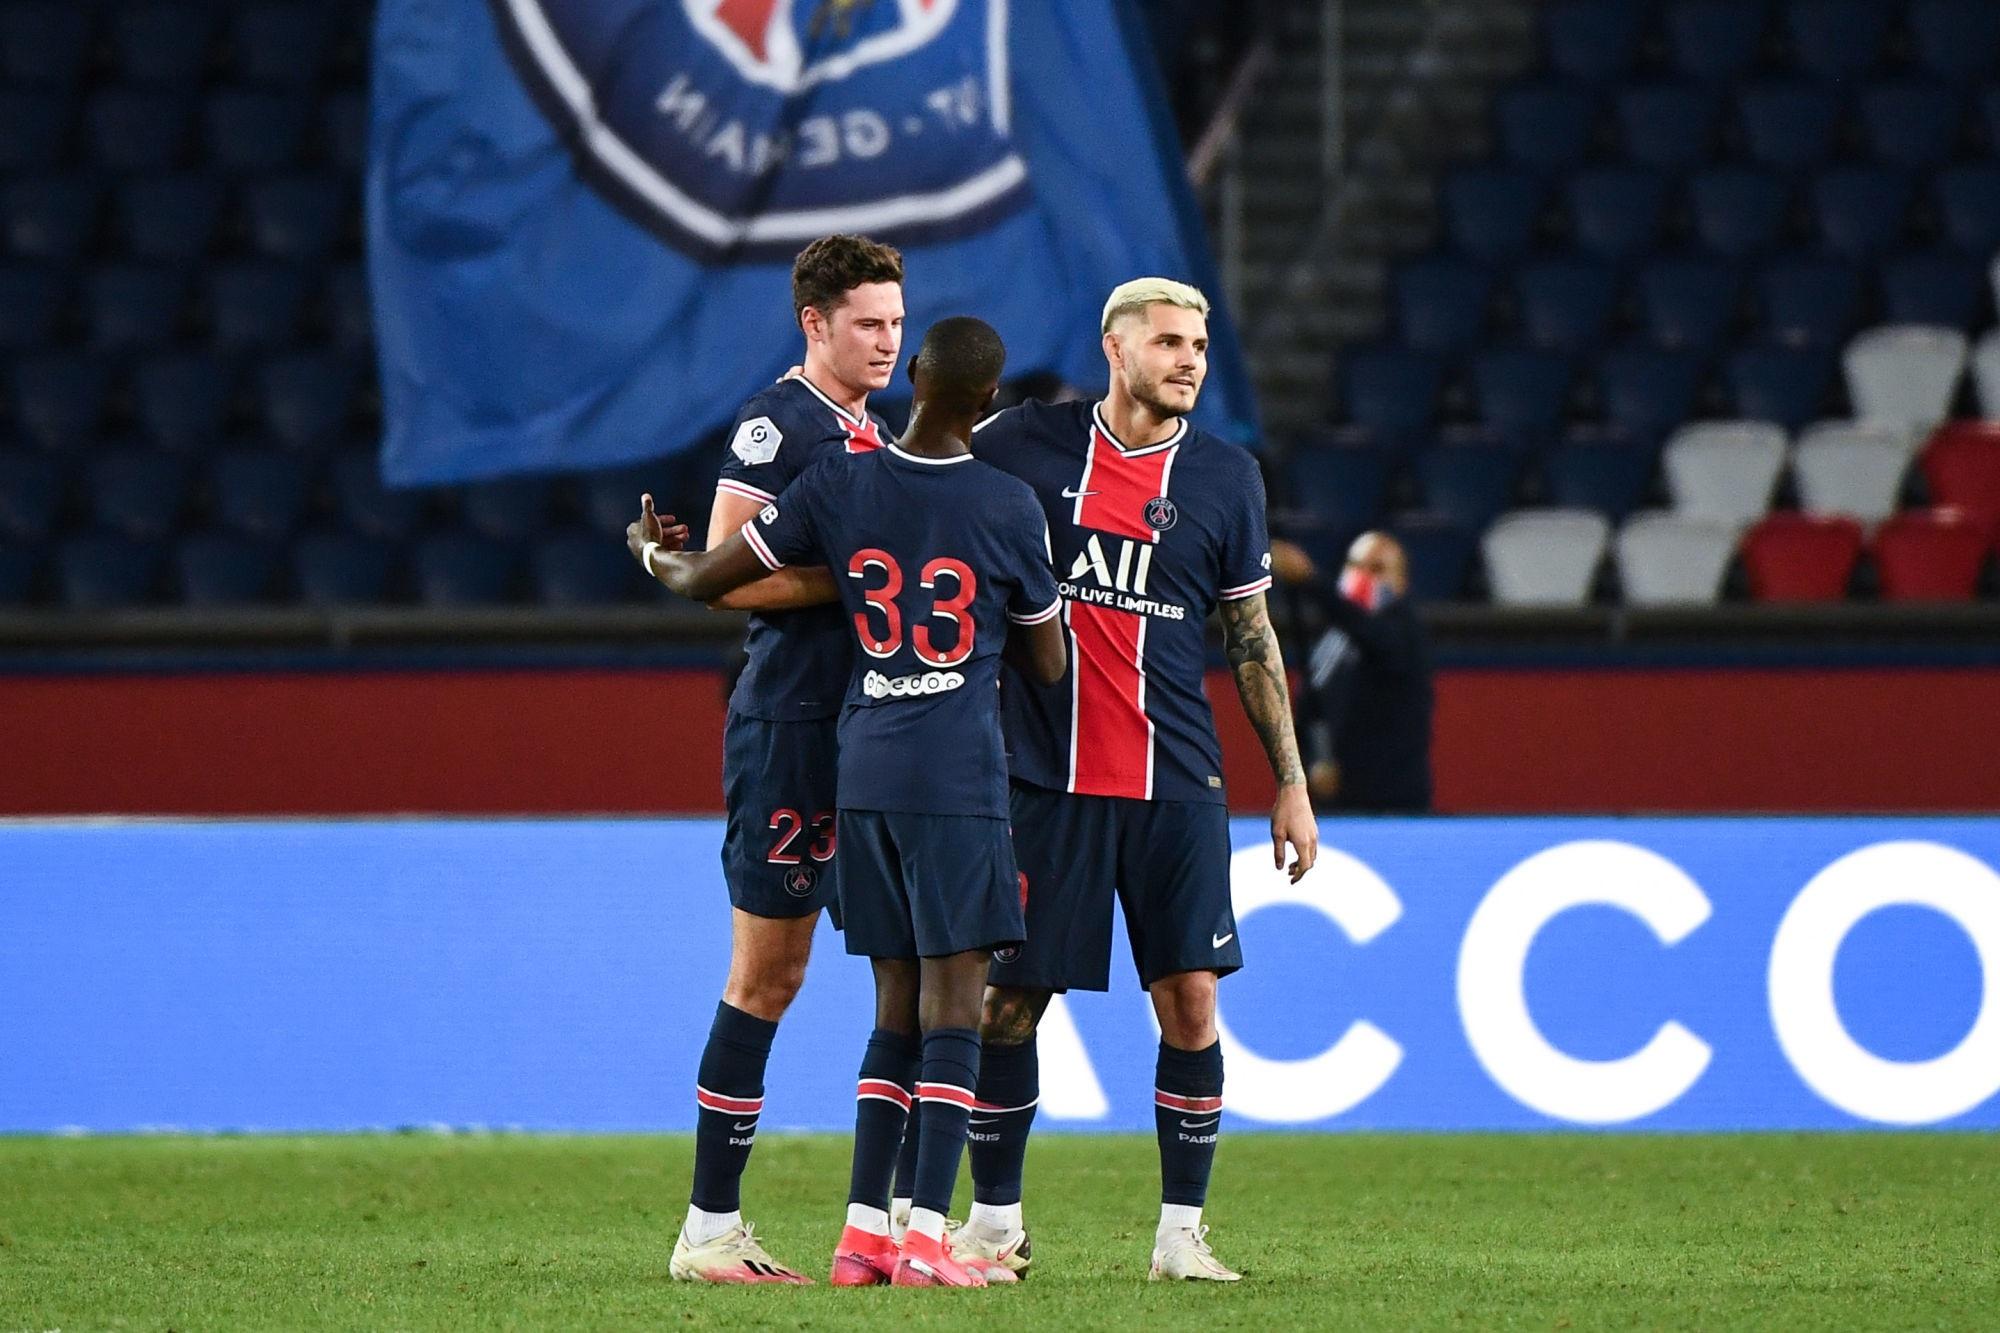 PSG/Metz - Les tops et flops d'une victoire arrachée dans les dernières minutes